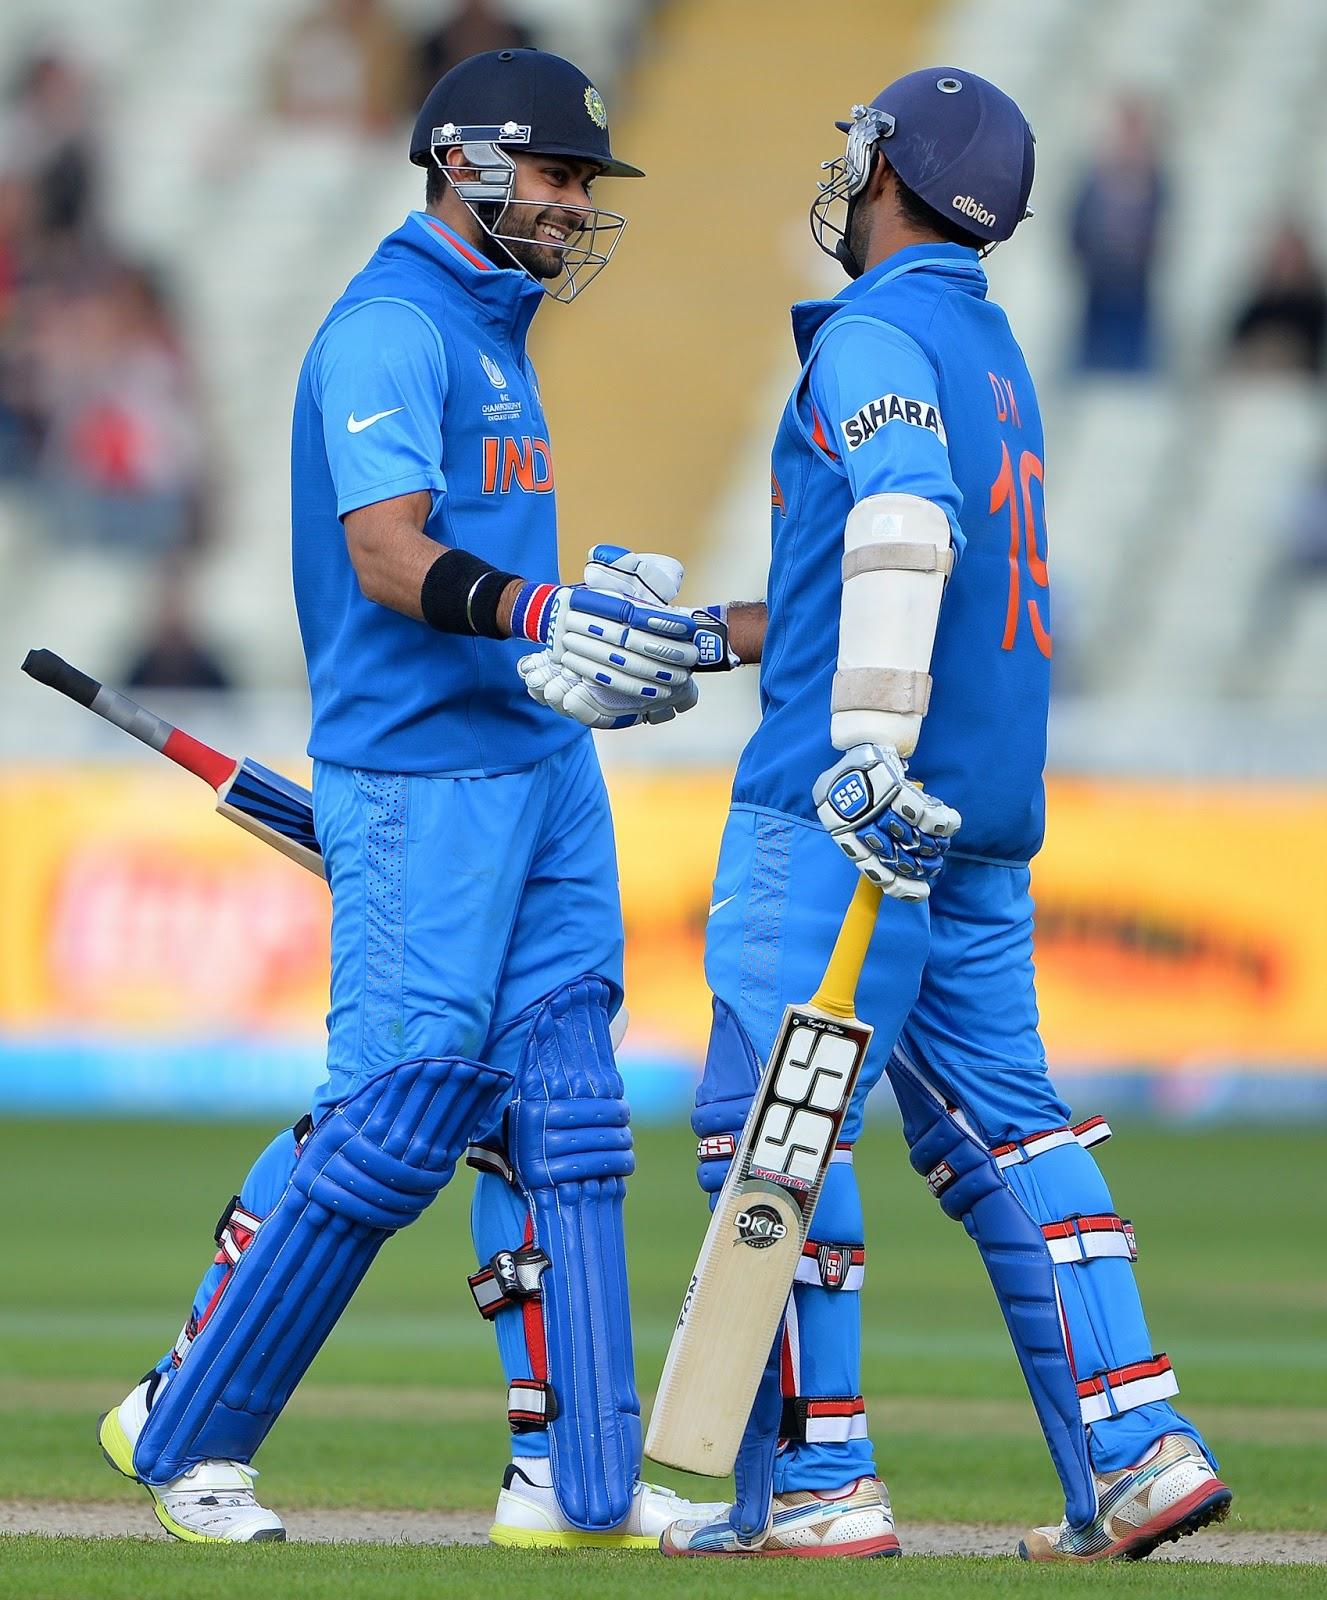 Virat-Kohli-Dinesh-Karthik-champions-trophy-2013-Warm-Up-vs-Srilanka